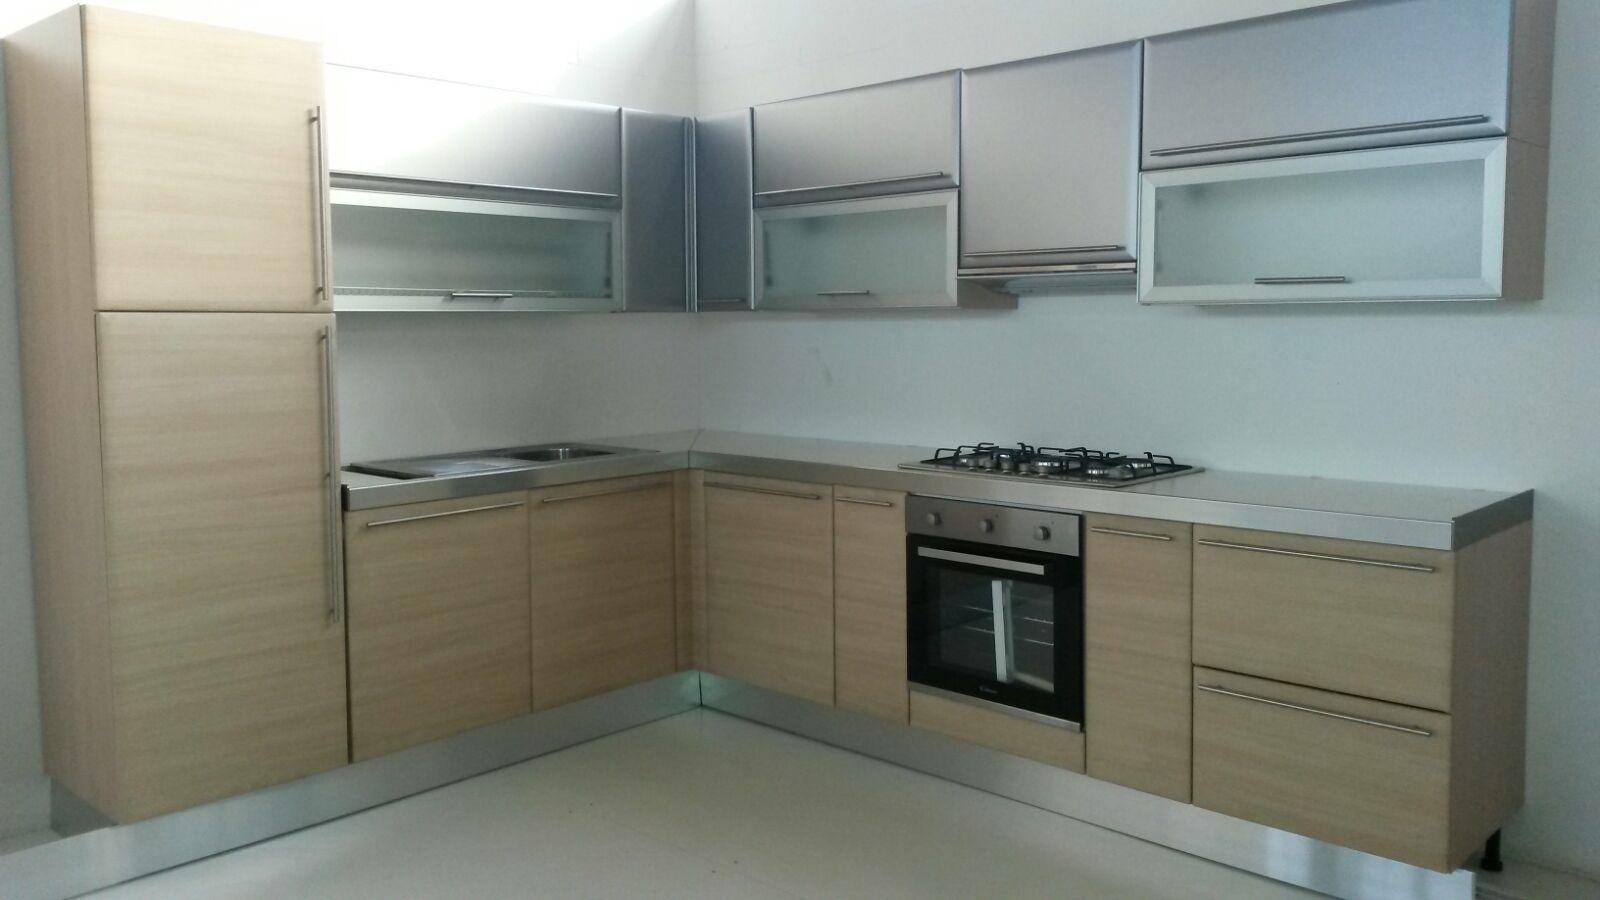 Cucina ad angolo moderna maior cucine scontata del 68 - Cucine ad angolo ...